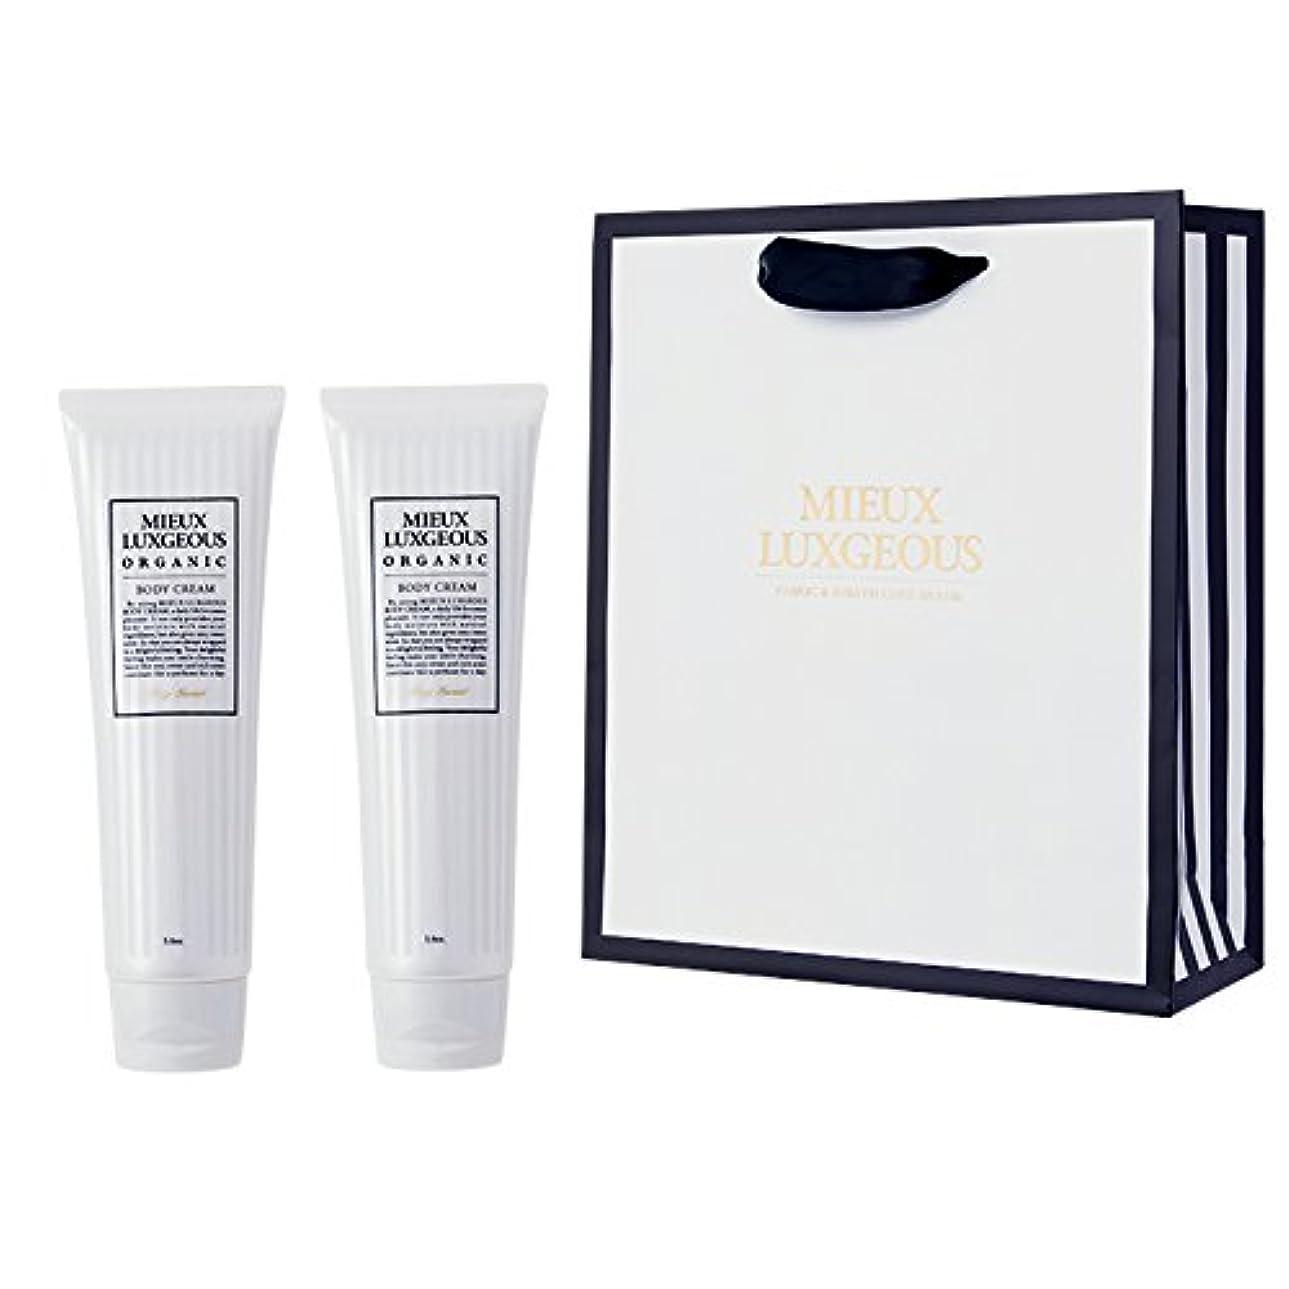 ビット冷蔵庫奨励ミューラグジャス Body Cream 2本set with Paperbag02